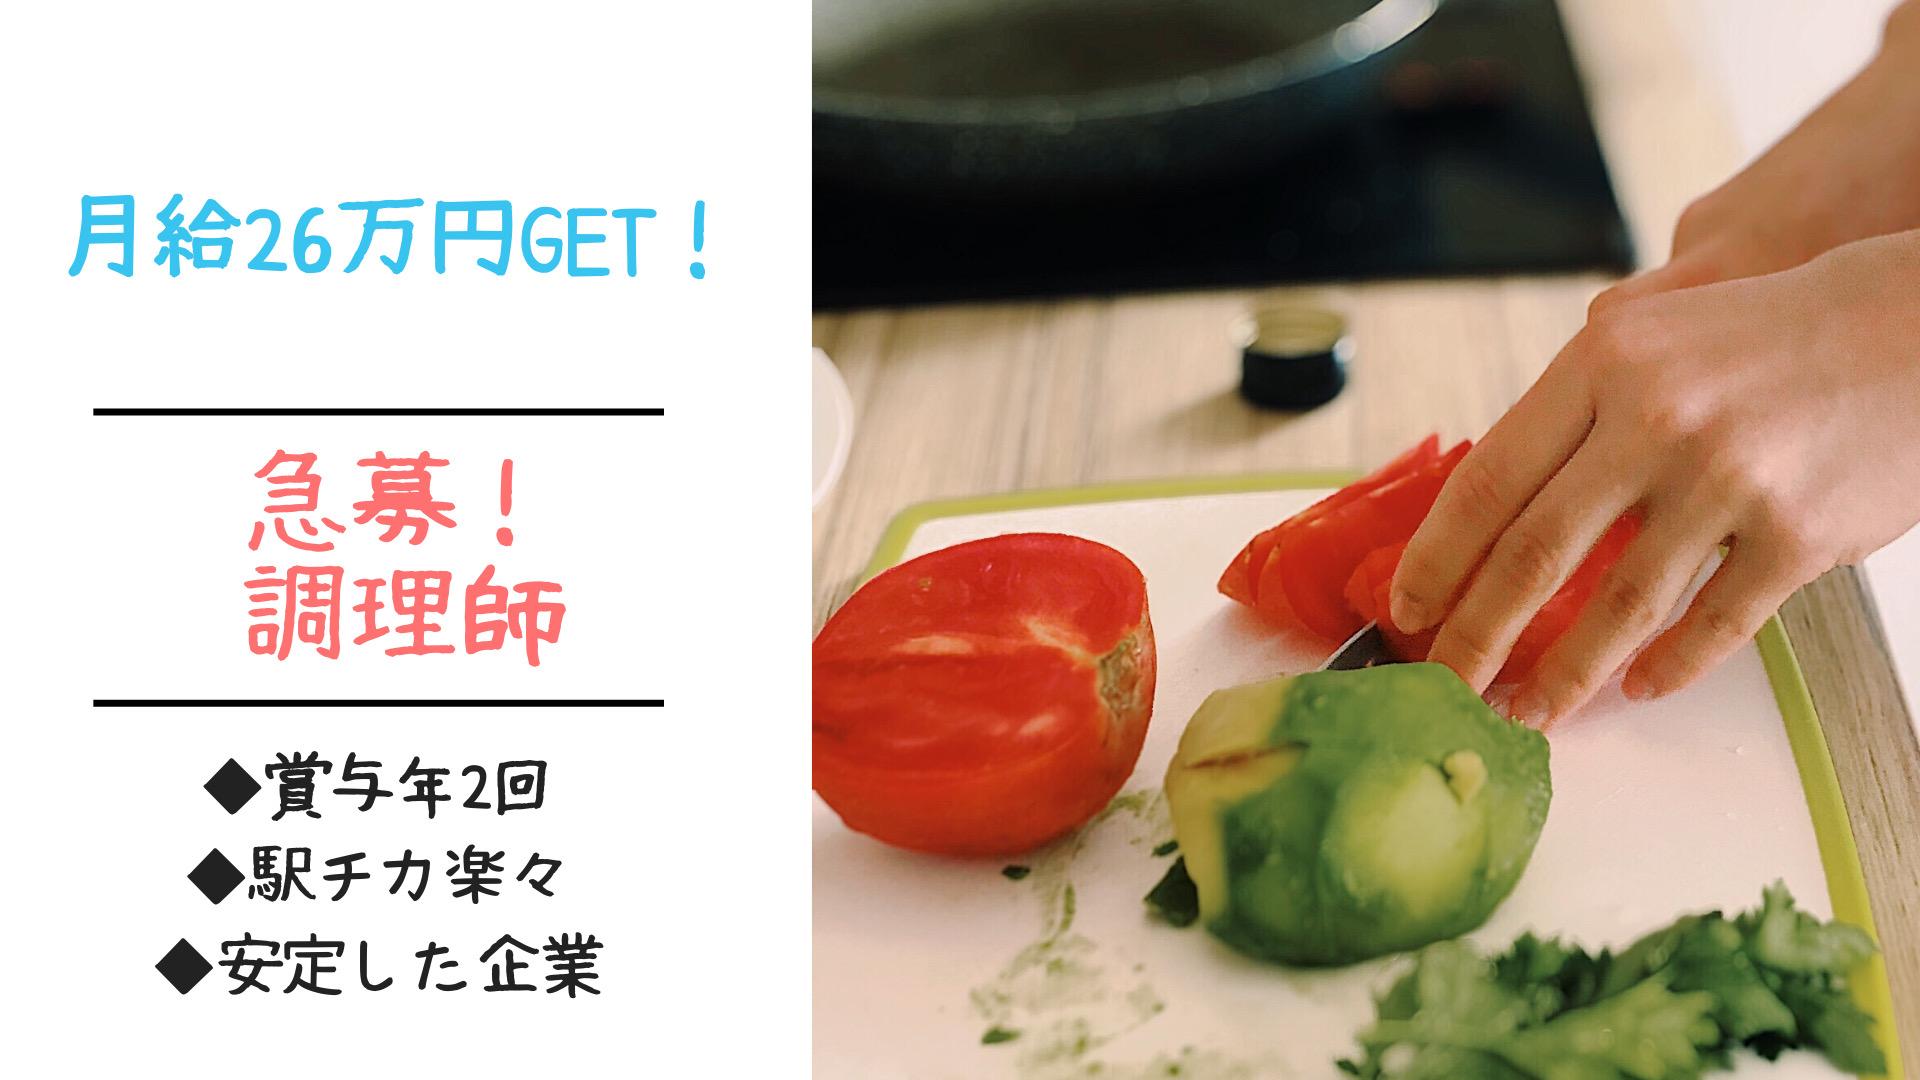 即面談可能!愛西市で調理師募集中☆月給26万円!入社後のフォロー充実! イメージ